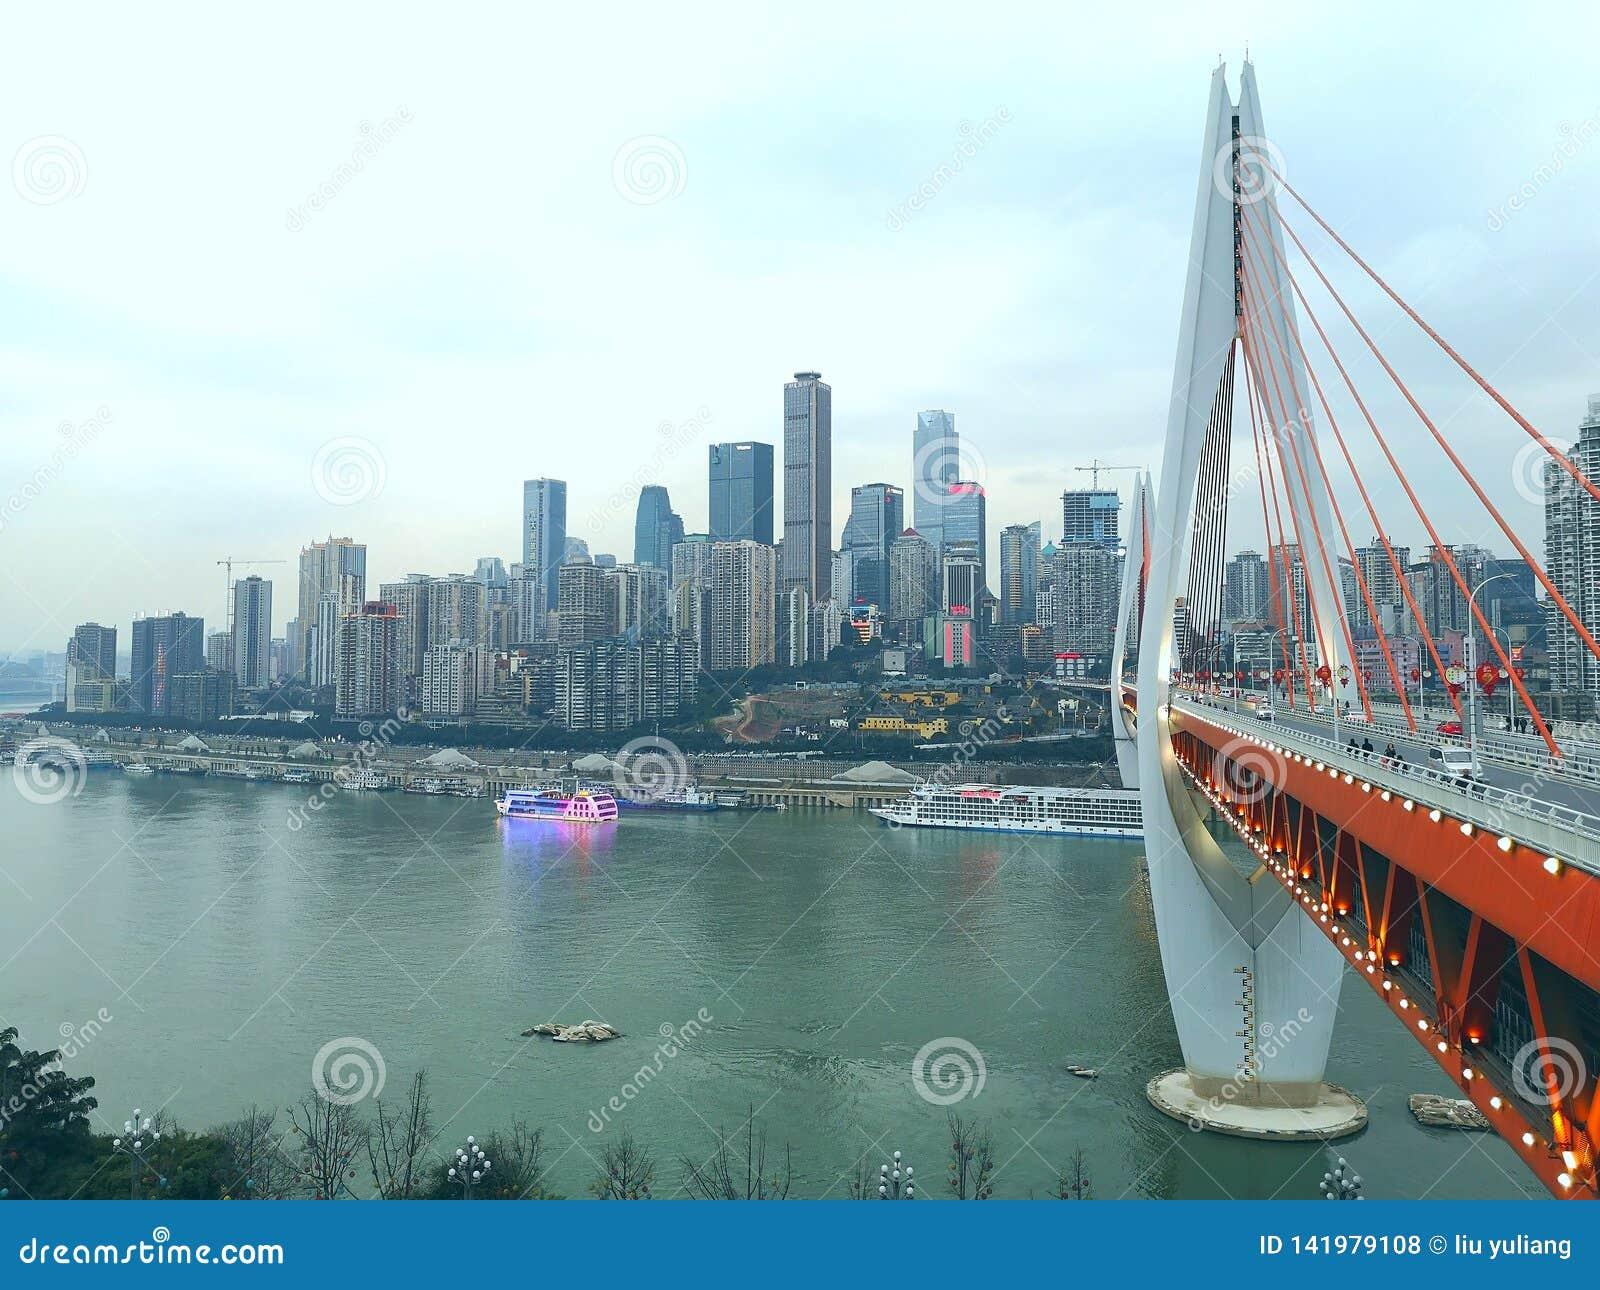 chongqing,bridge, changjiang, yangtz river